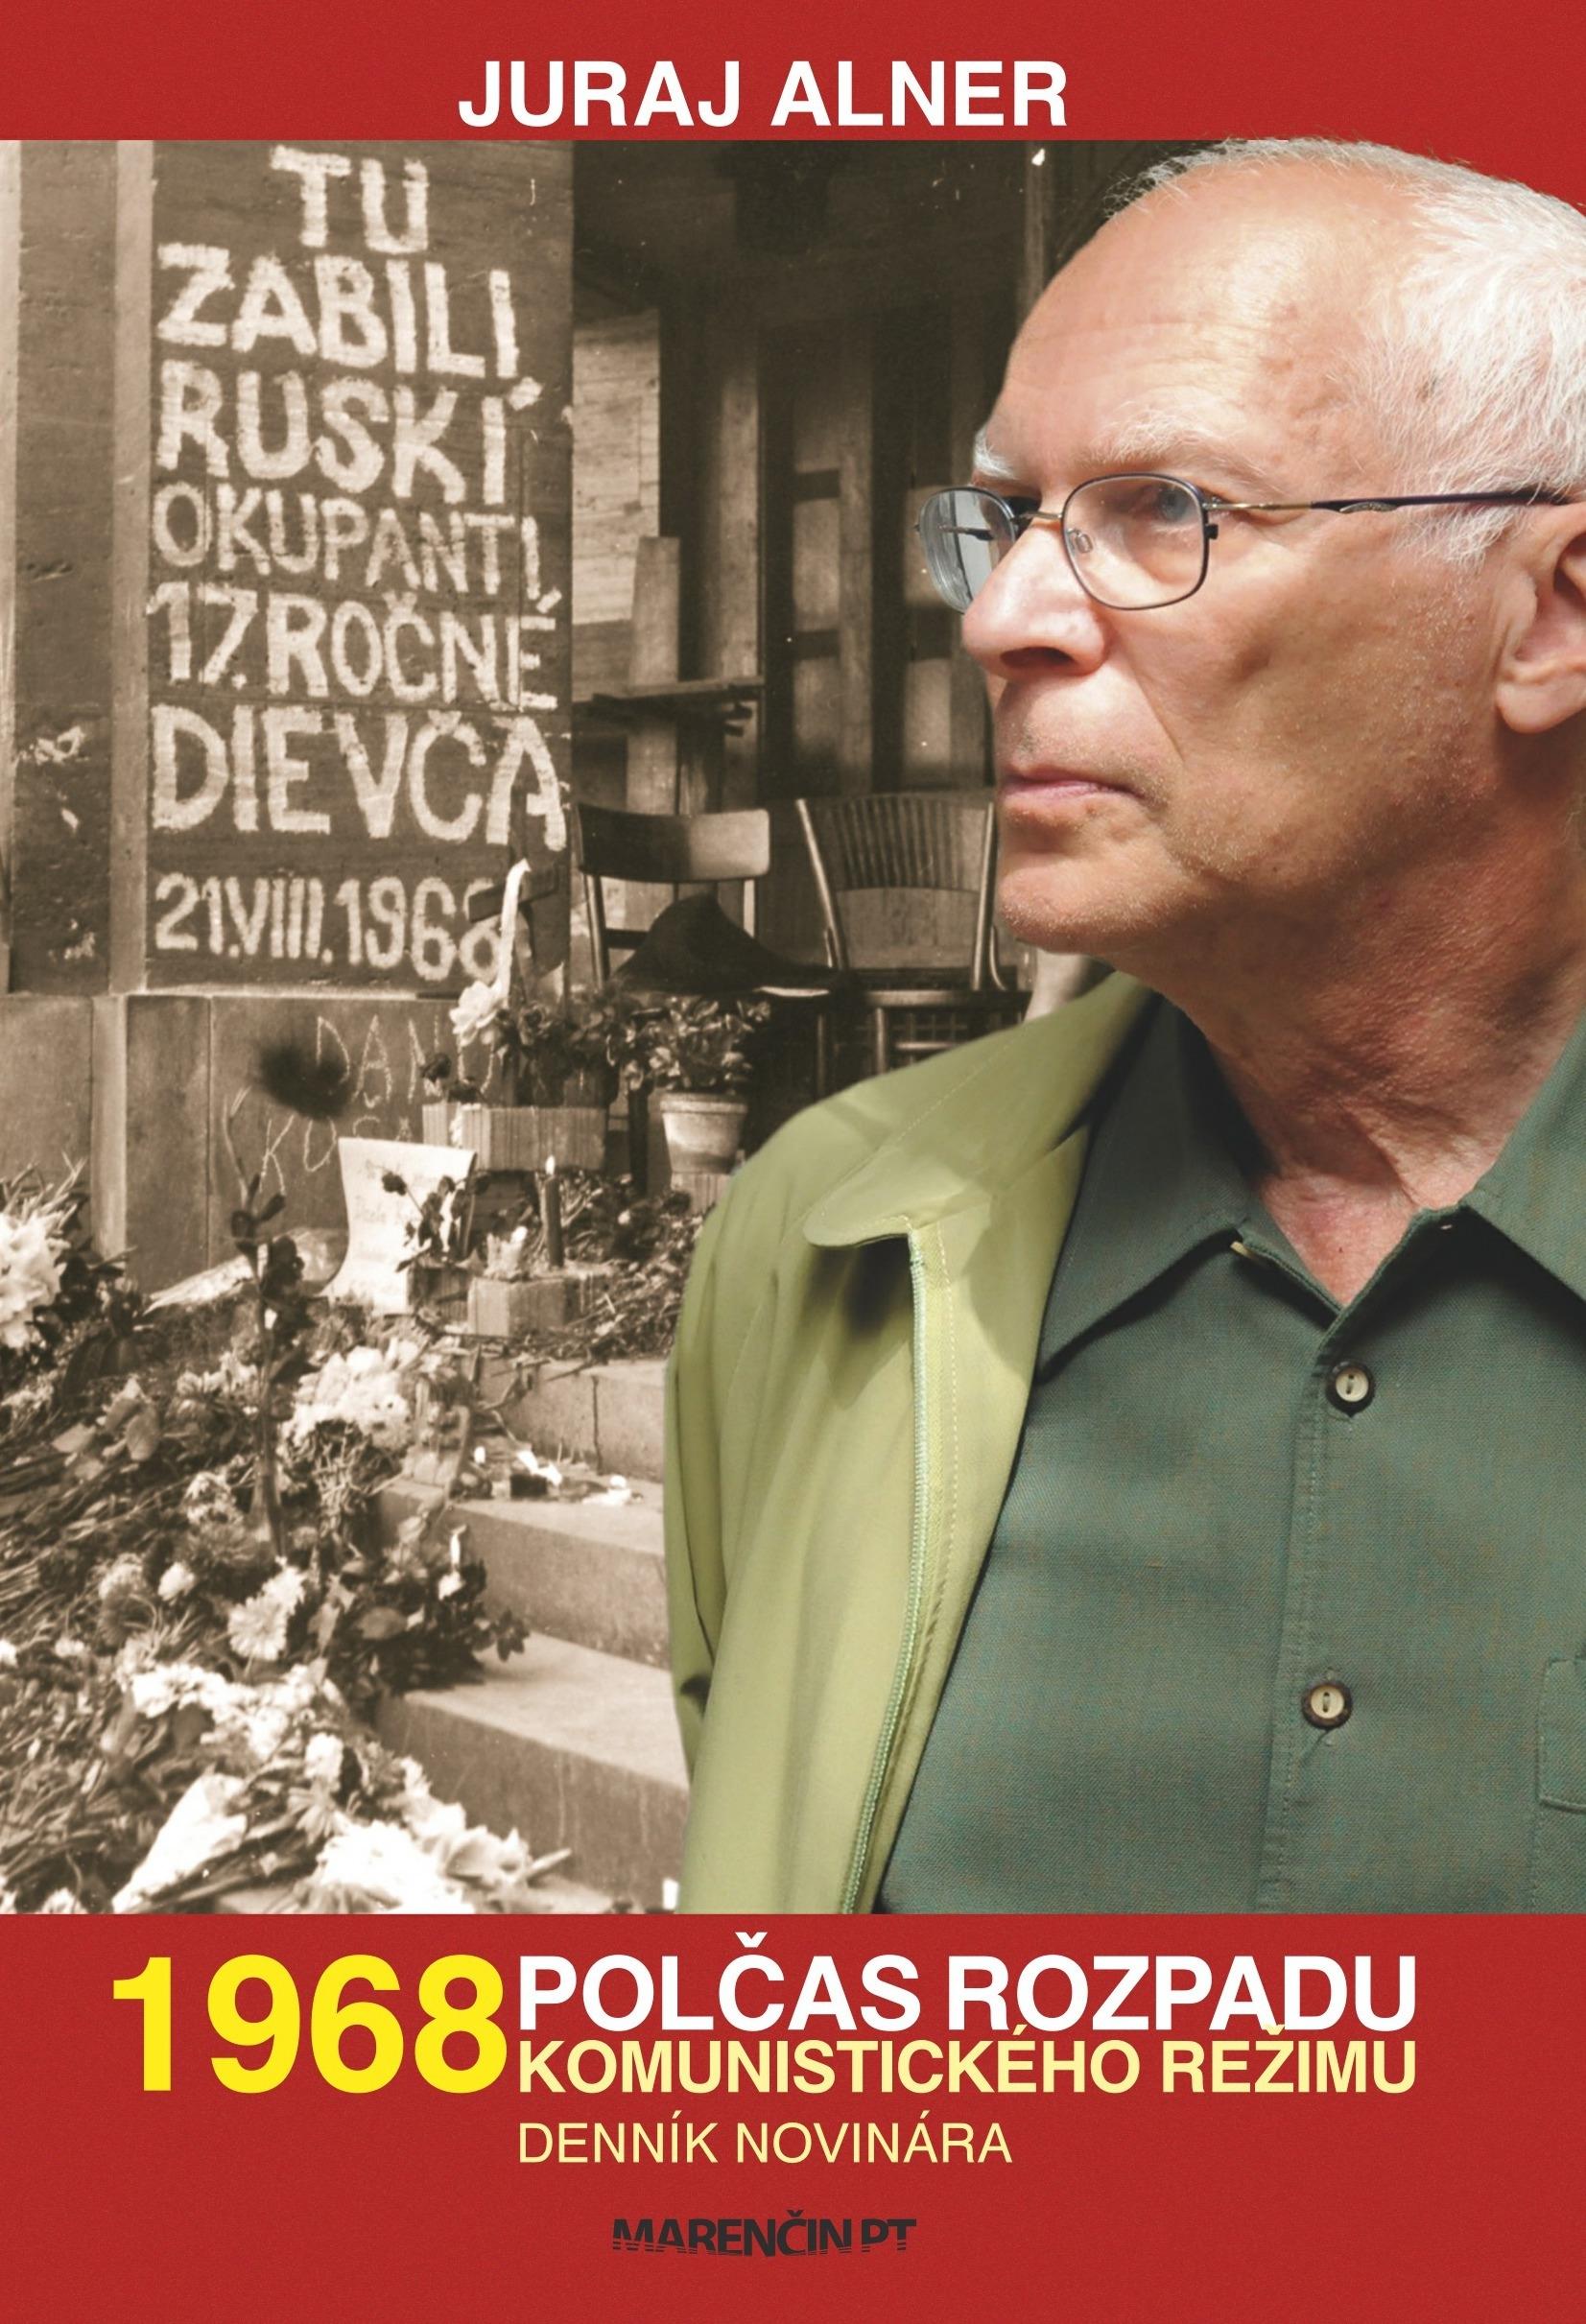 1968  Polčas rozpadu komunistického režimu - Denník novinára